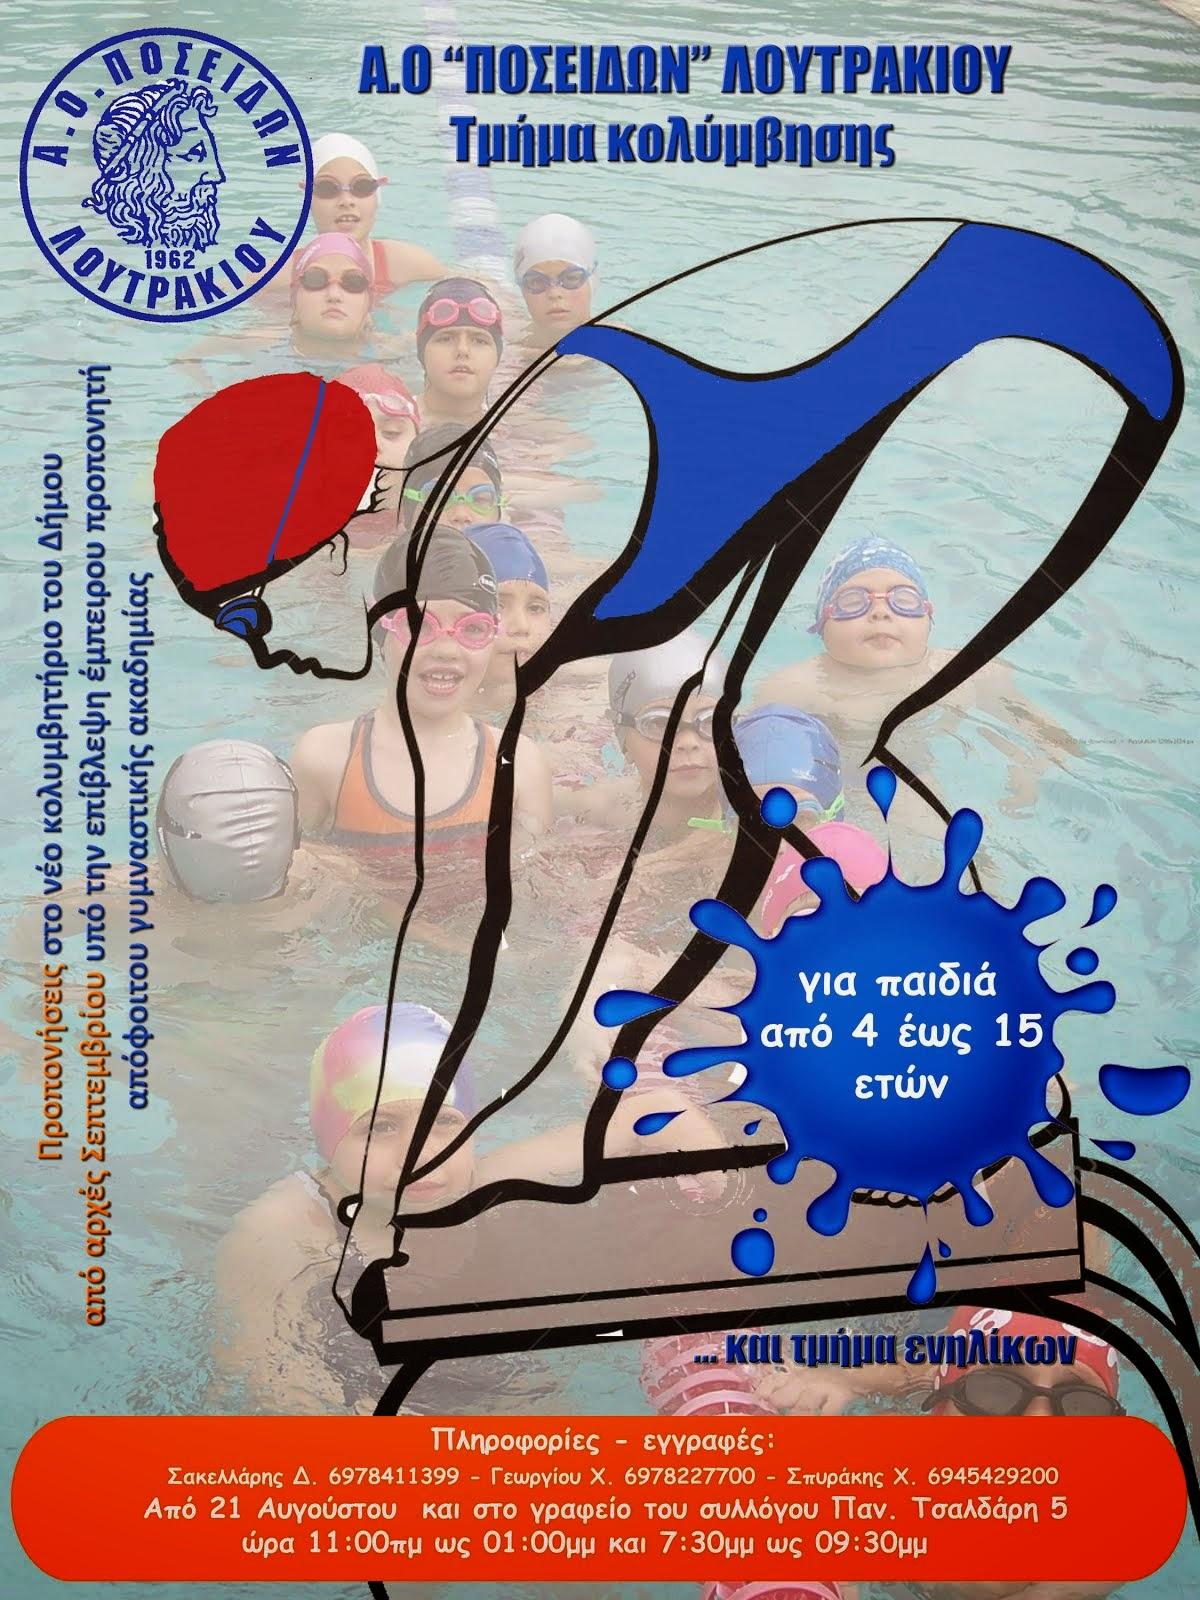 Κολύμβηση Ποσειδών Λουτρακίου